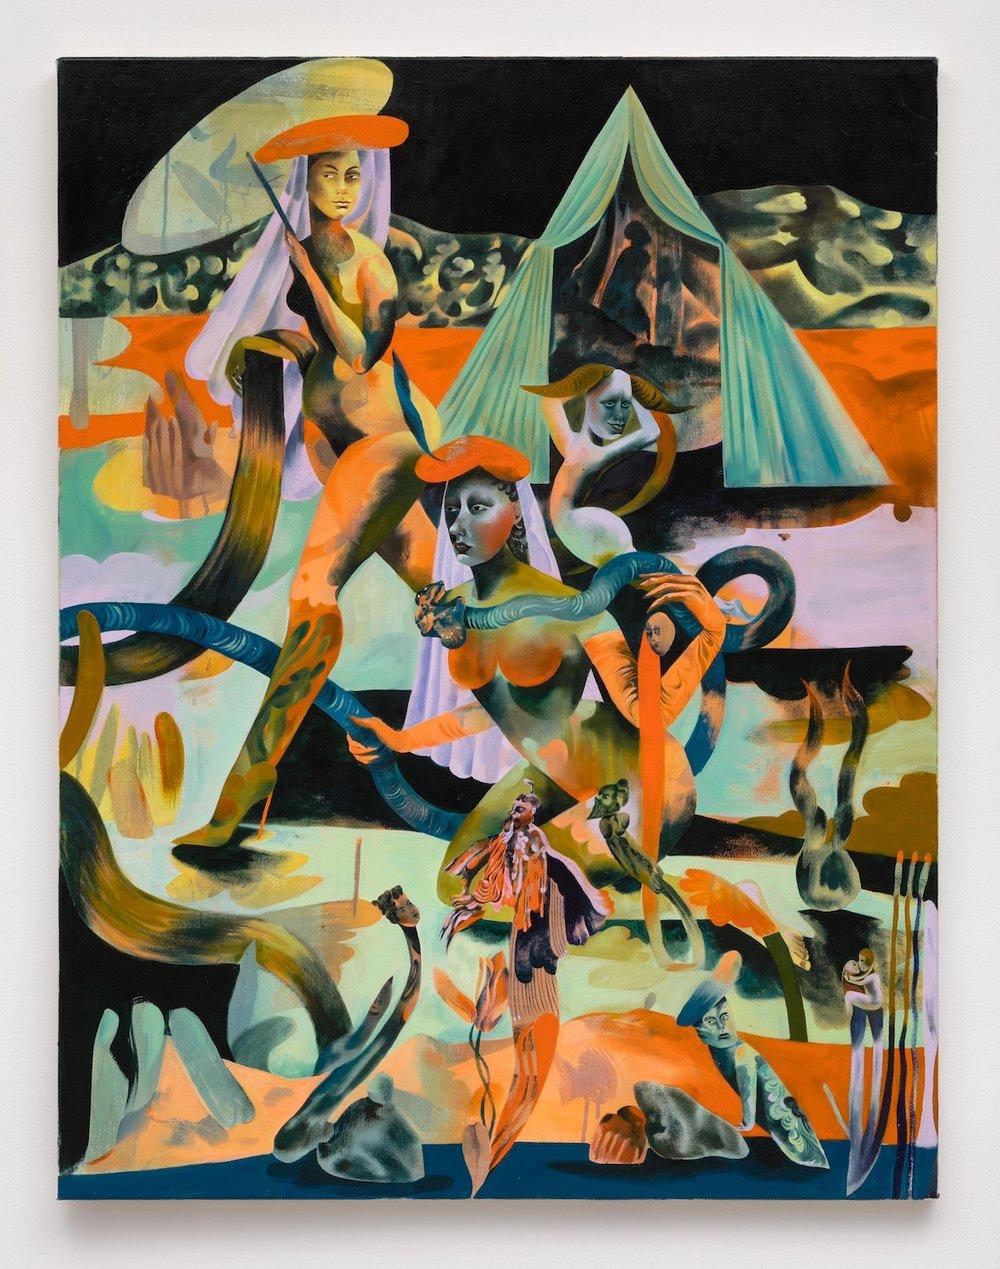 Jessie Makinson   Wild Cherry Sphinx , 2018  Oil on canvas  51.25 x 35.5 inches